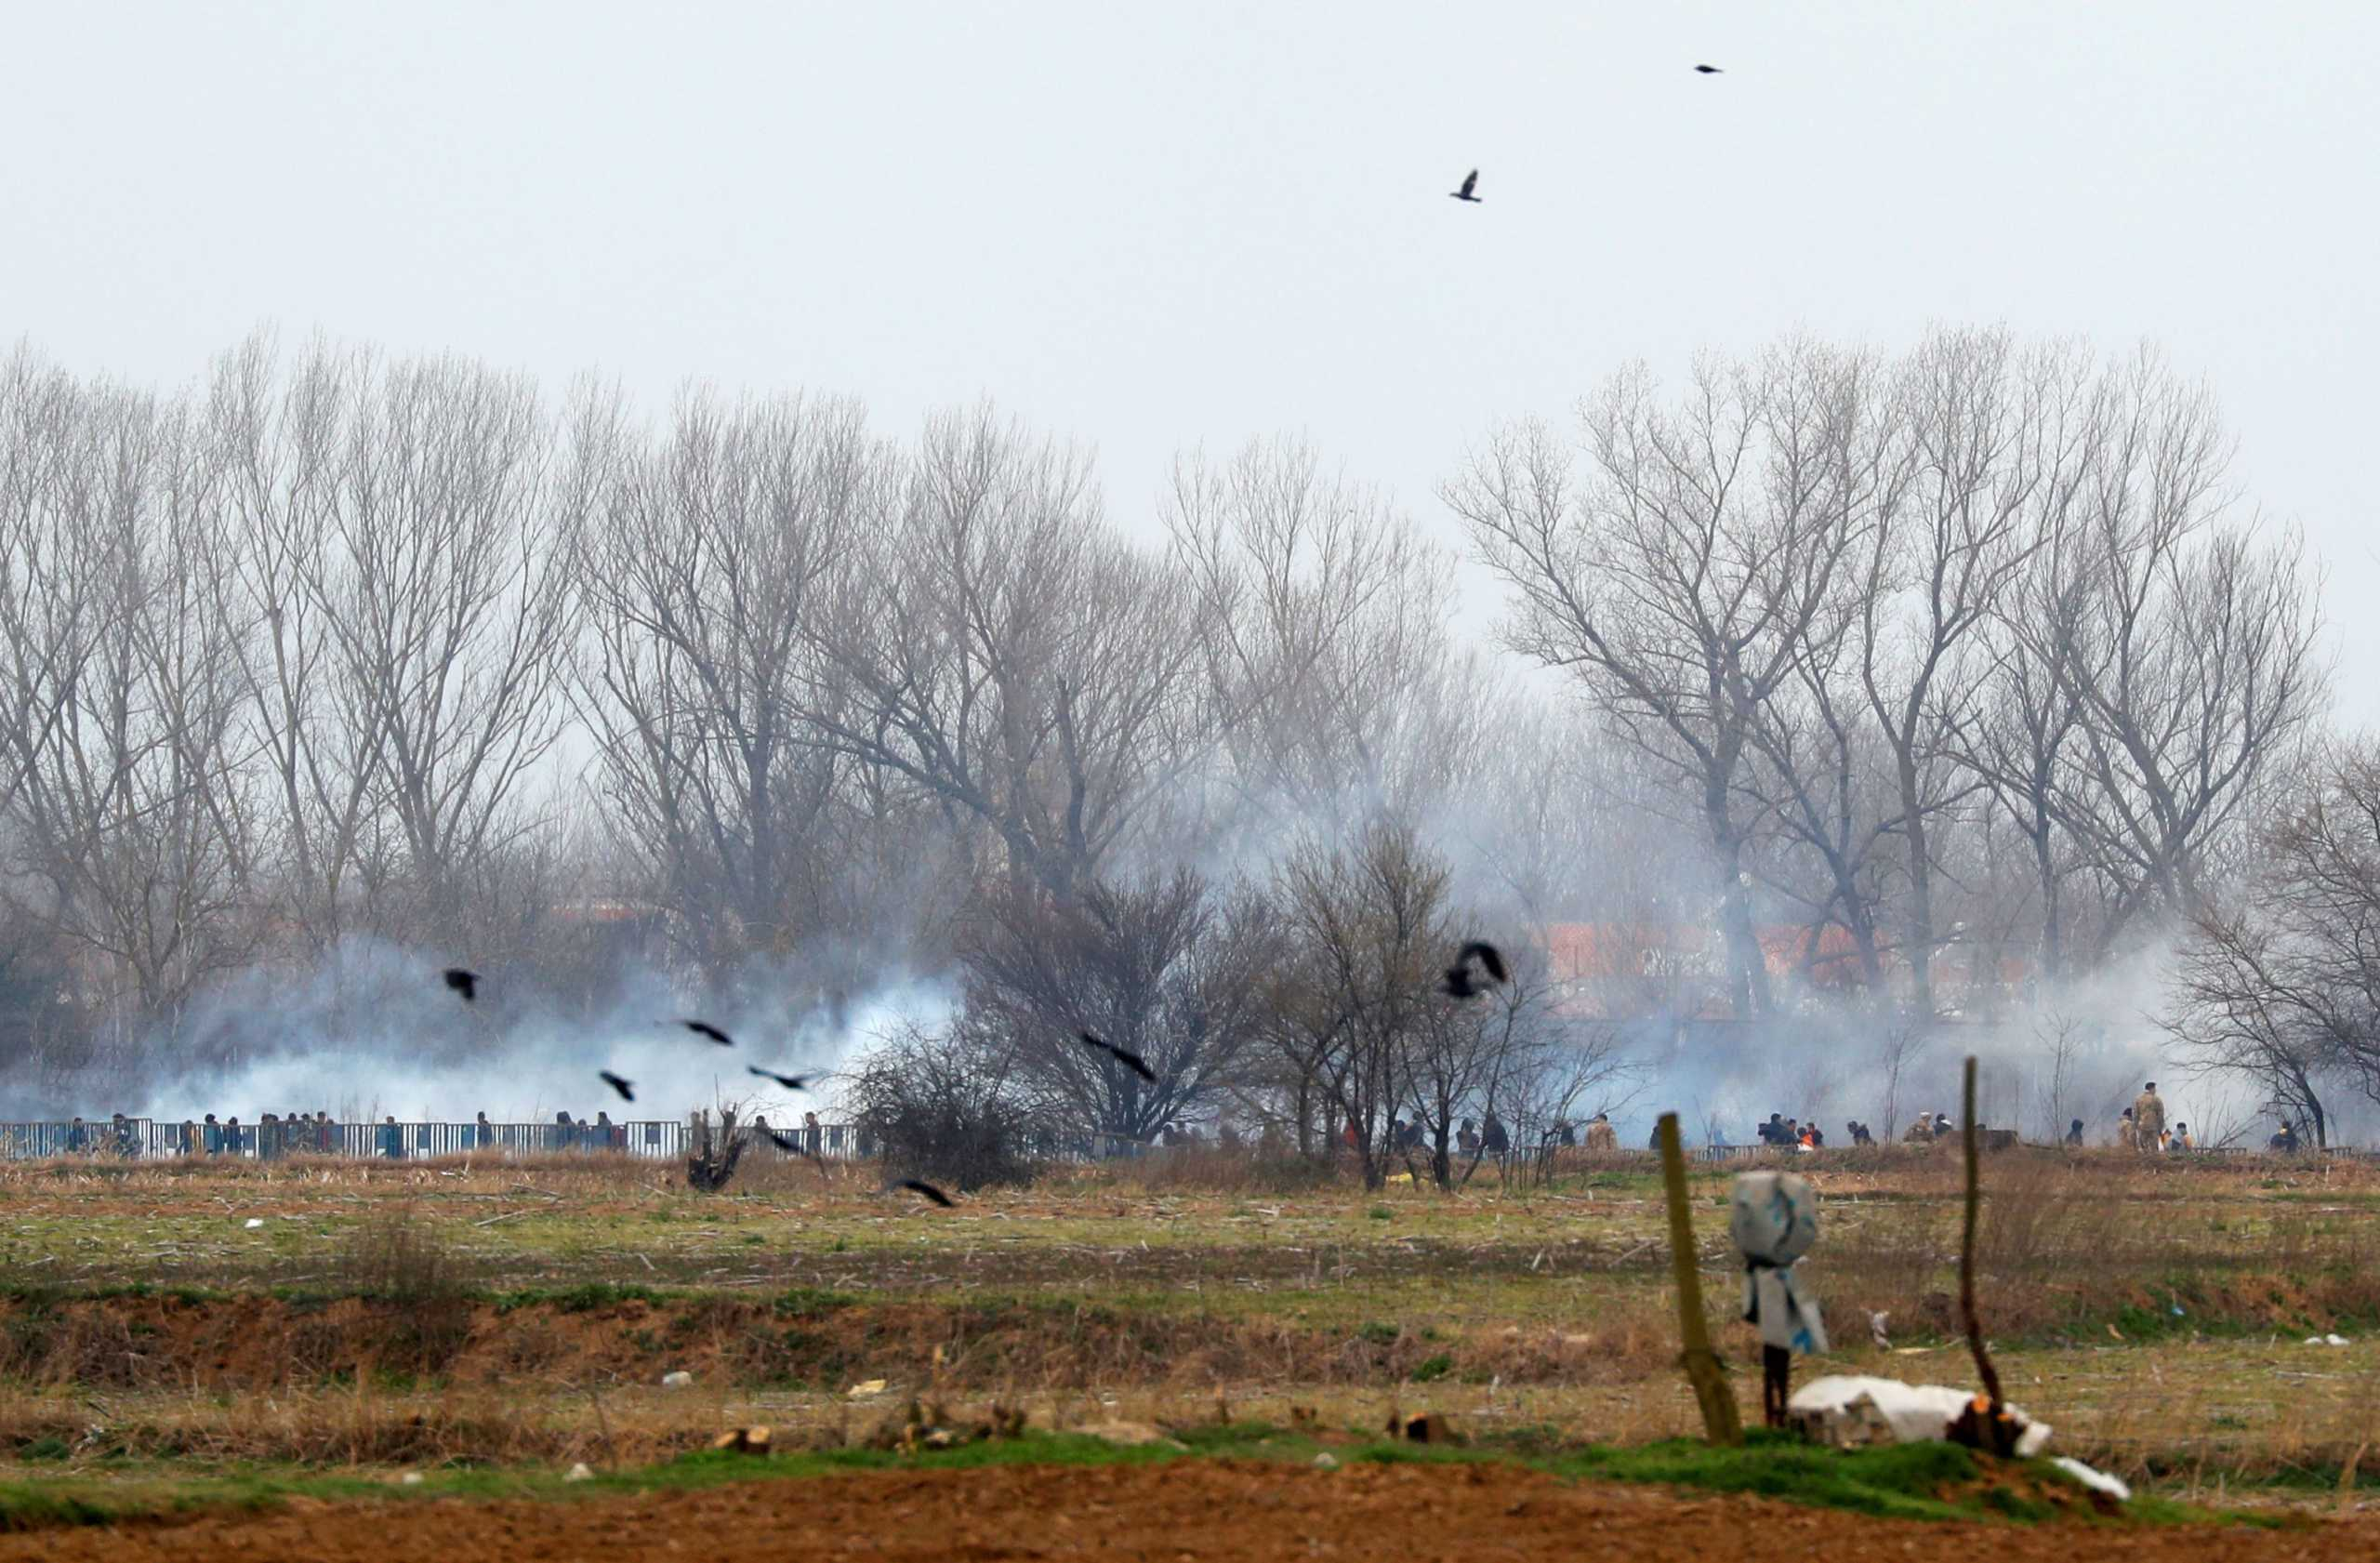 Έβρος: Νέα επεισόδια στις Καστανιές! Μάχες μπροστά στην κάμερα (Βίντεο)